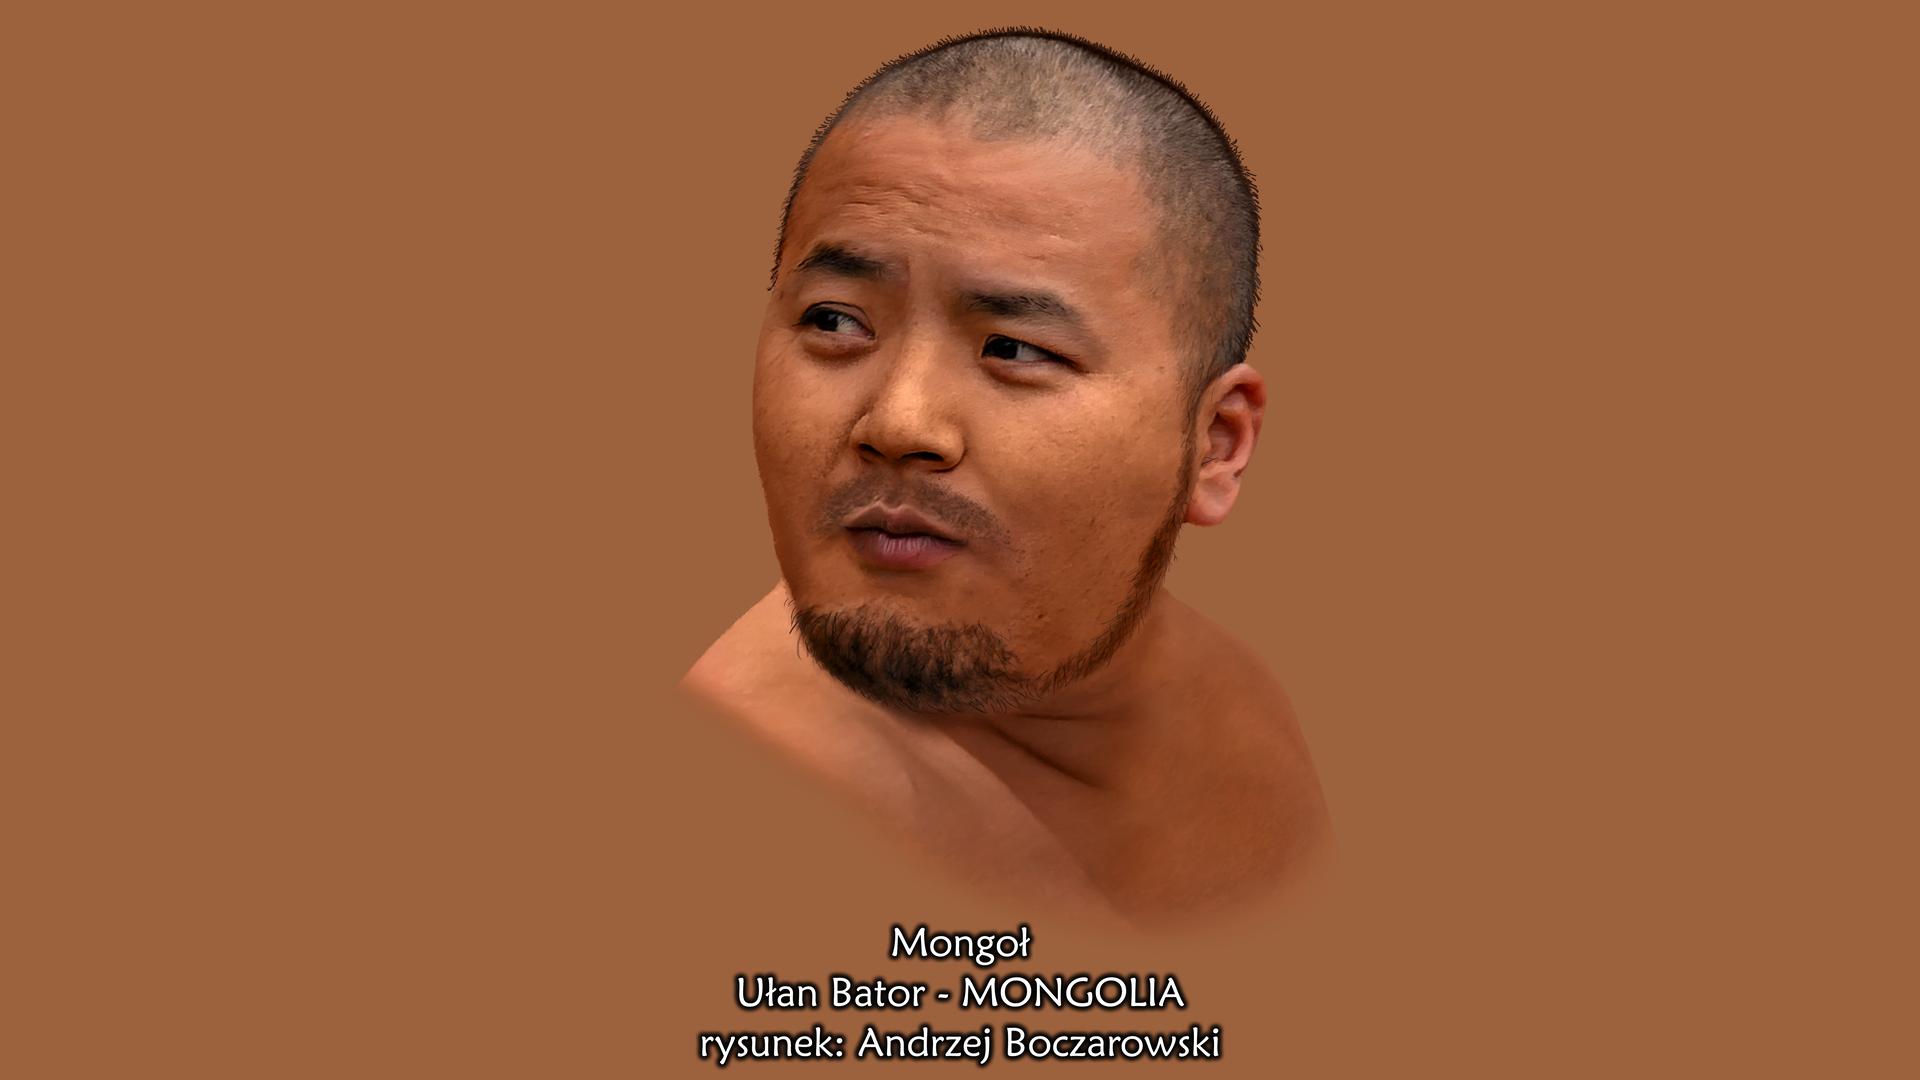 Druga fotografia przedstawia portret mongolskiego mężczyzny. Mężczyzna ma owalną płaską twarz, niskie czoło, niewielką szparę oczną, mały nos iśniadą skórę. Czarne krótko ostrzyżone włosy oraz krótką brodę iwąsy nad wargą.